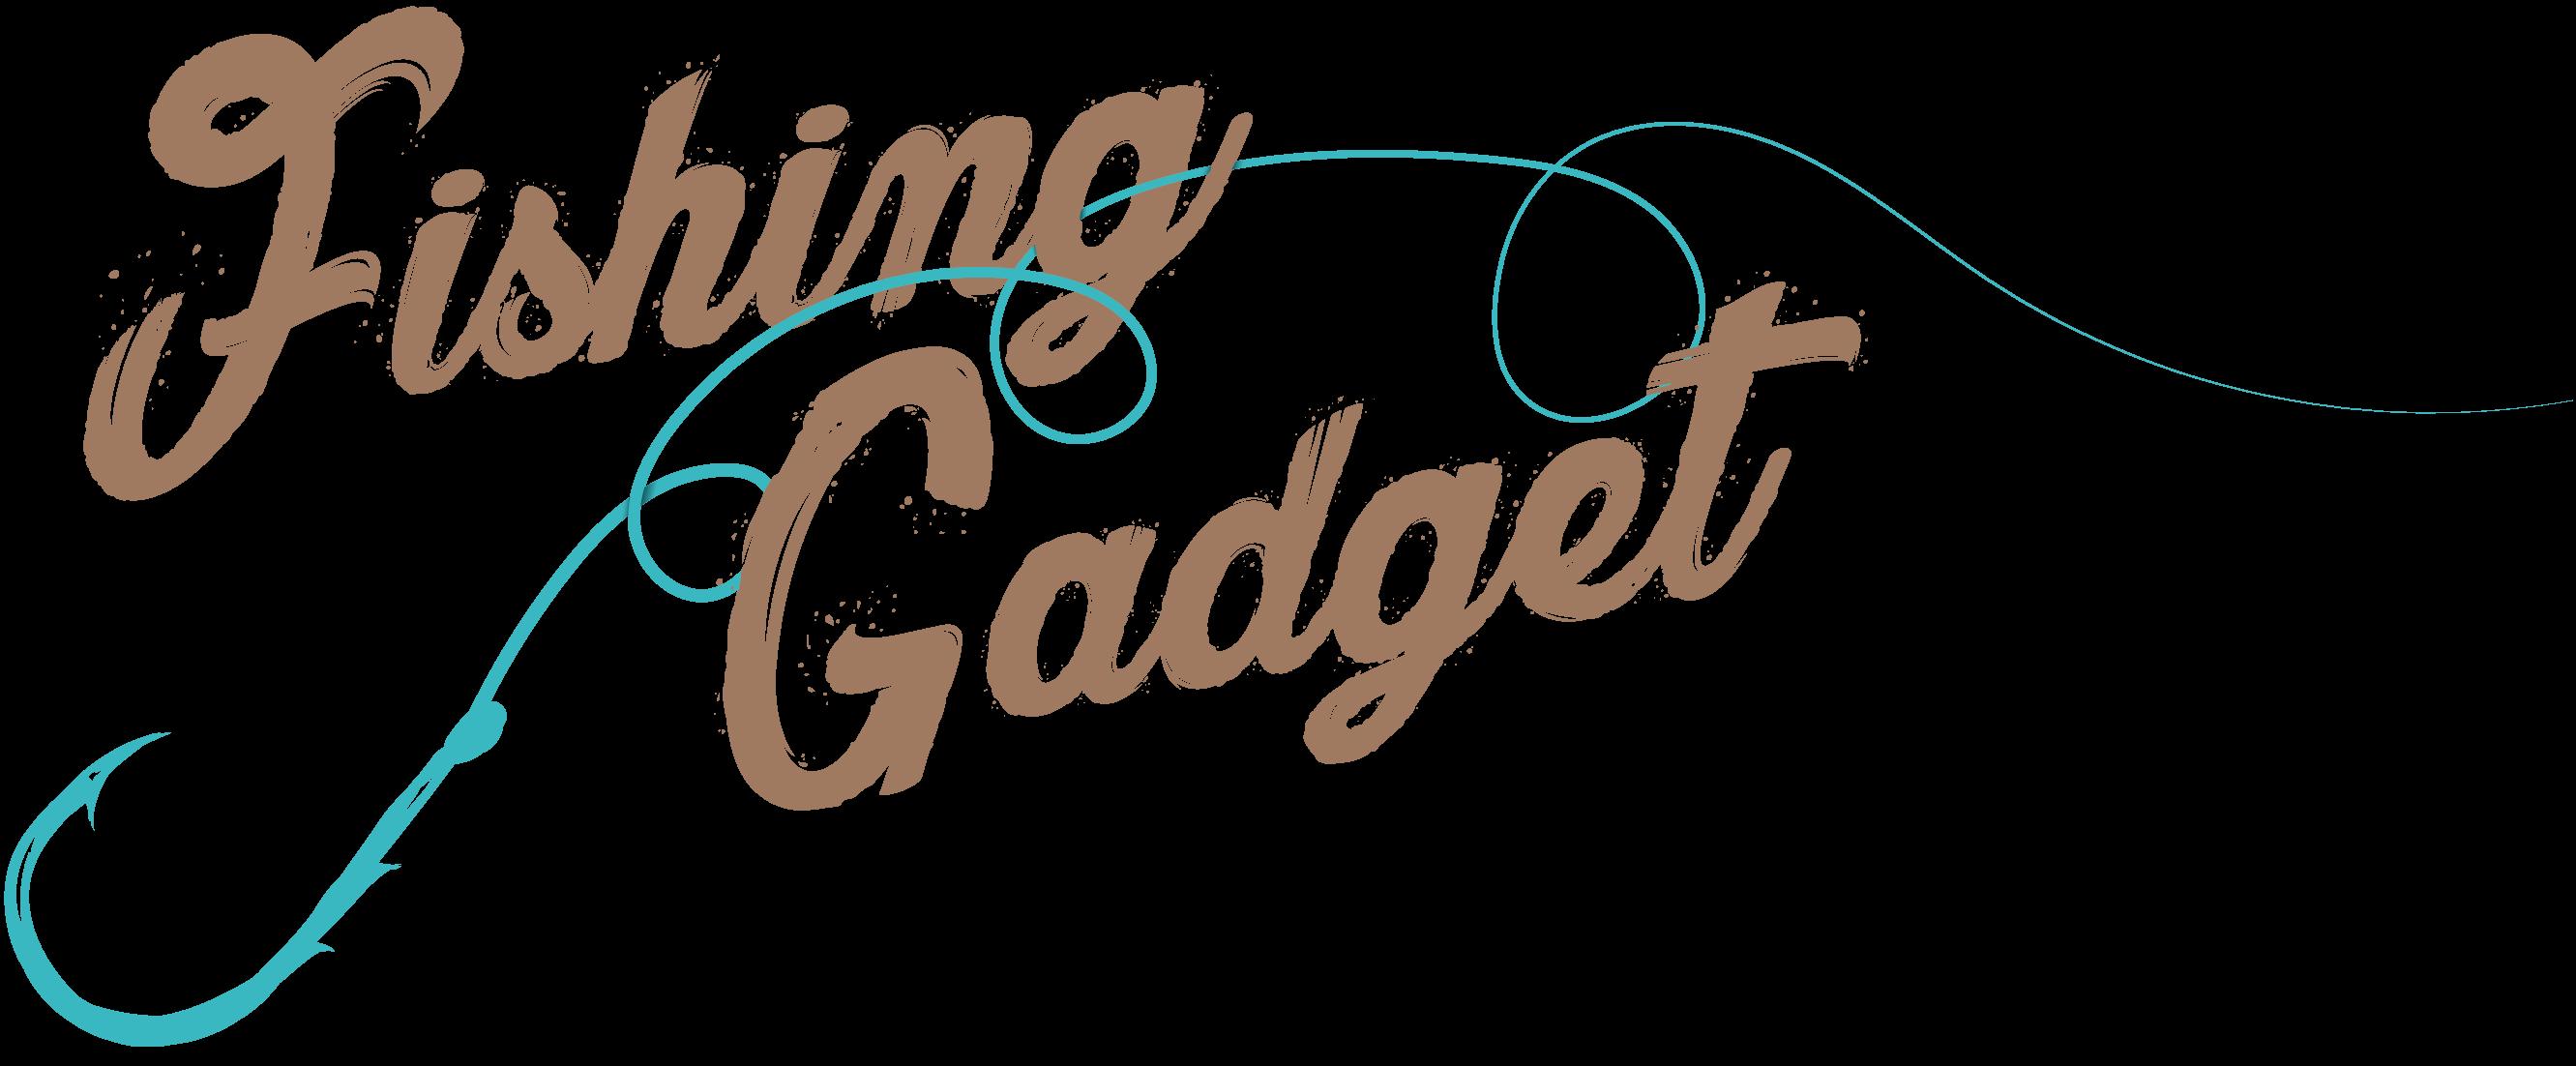 Fishing Gadget Logo